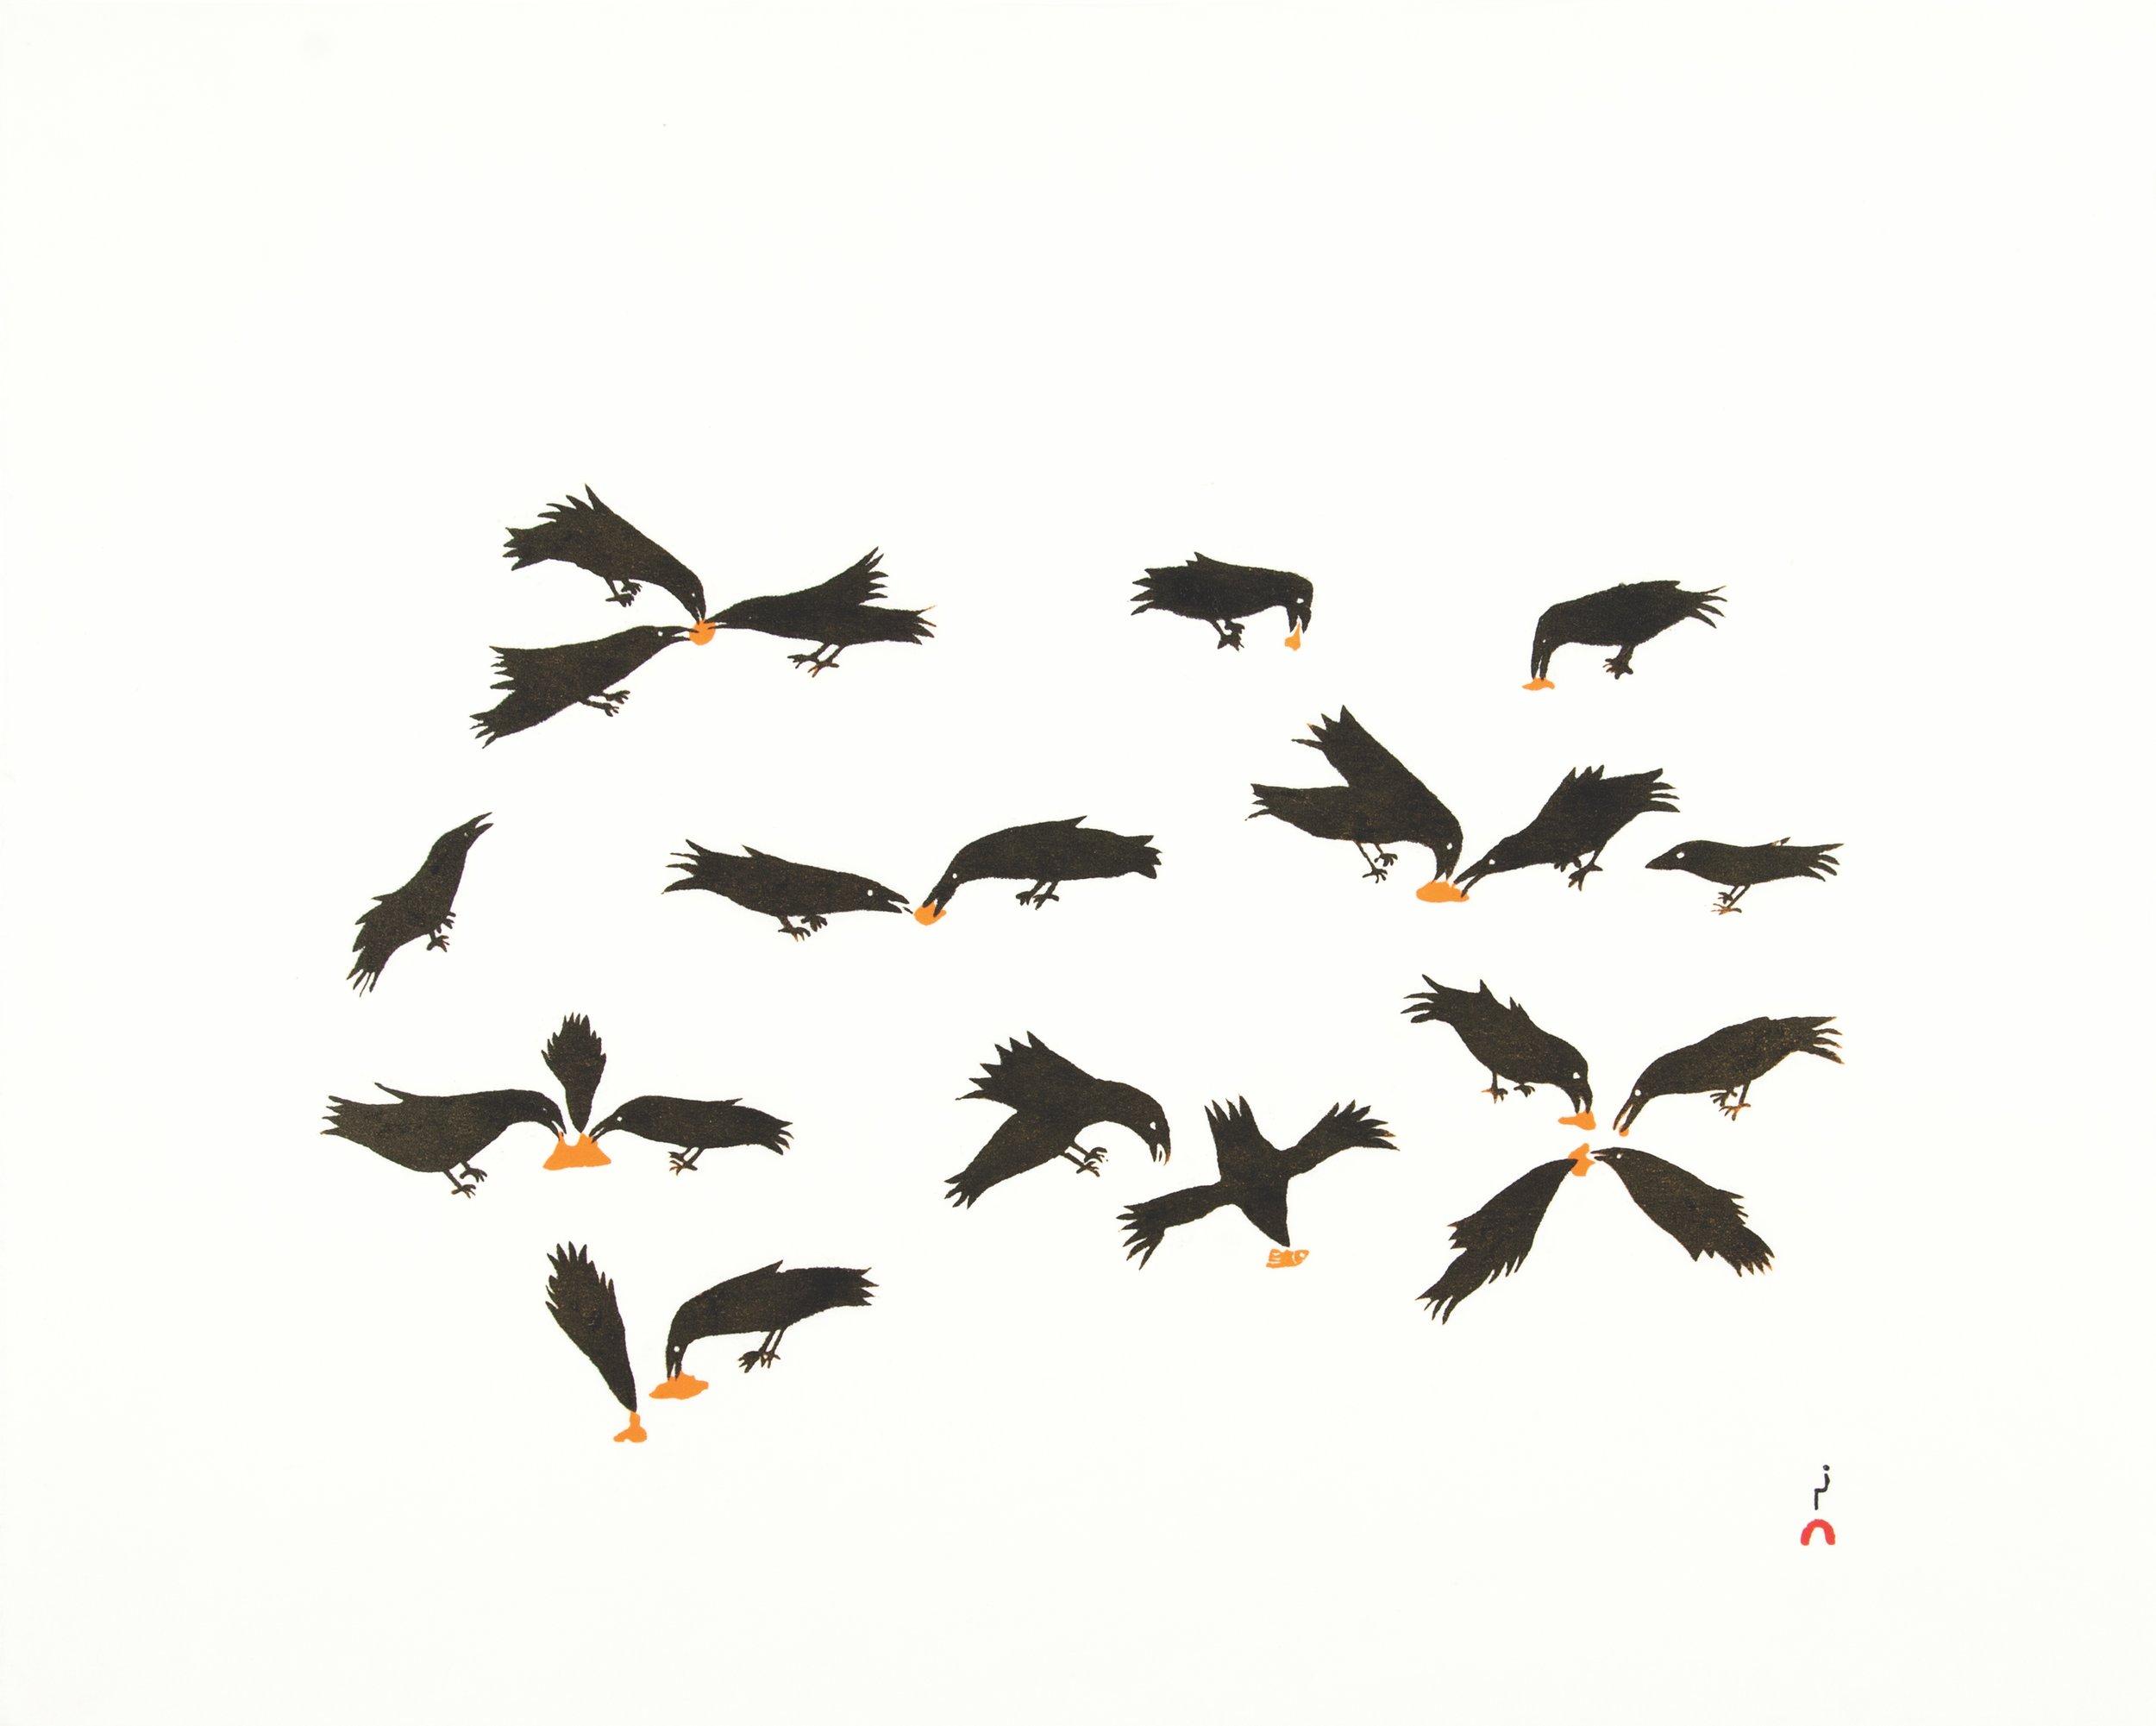 OLOOREAK ETUNGAT  12. Feeding Ravens  Stonecut  Paper: Kizuki Kozo White  Printer: Cee Pootoogook  48.5 x 61.5 cm  $ 500